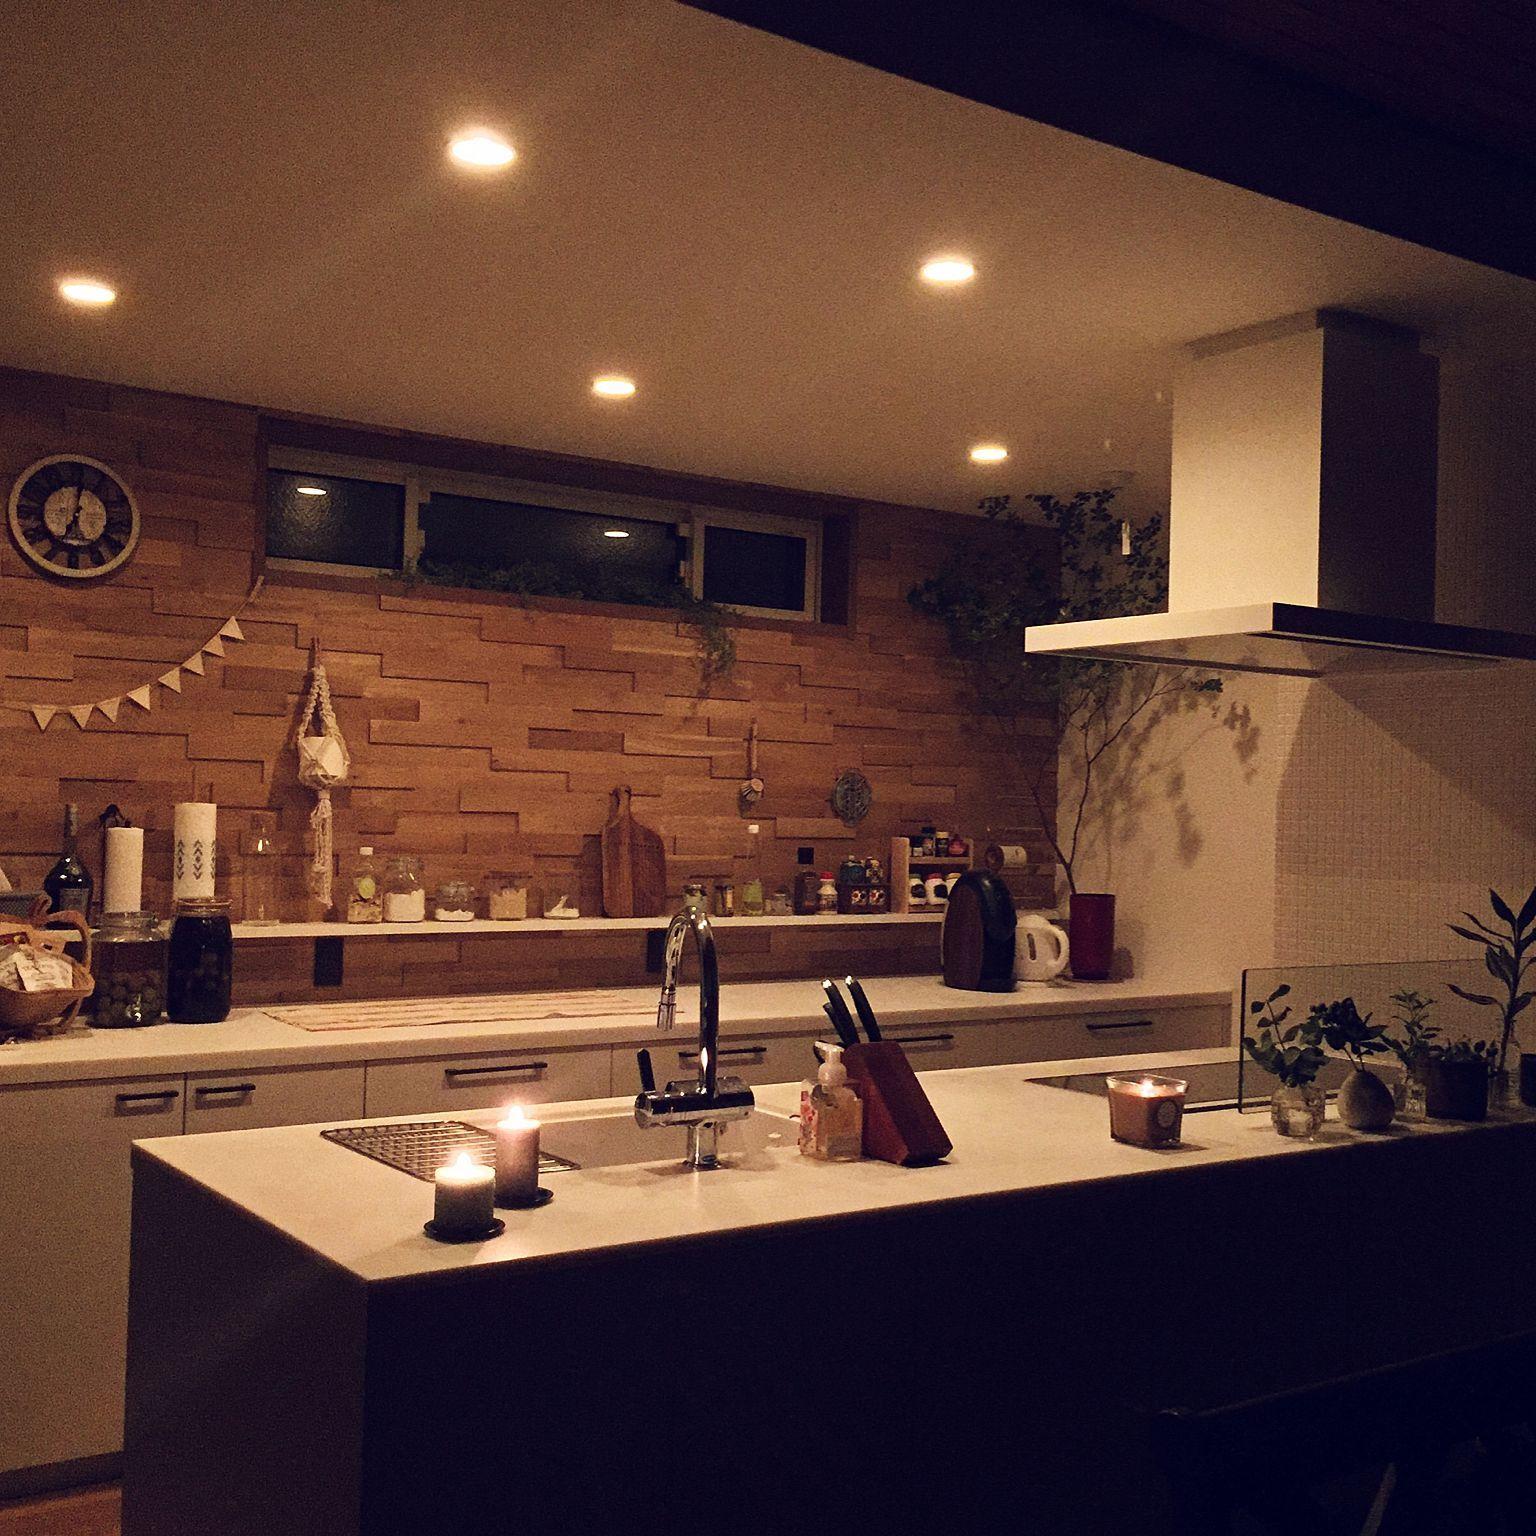 キッチン キャンドル ダウンライト 電球色 二世帯住宅 などの